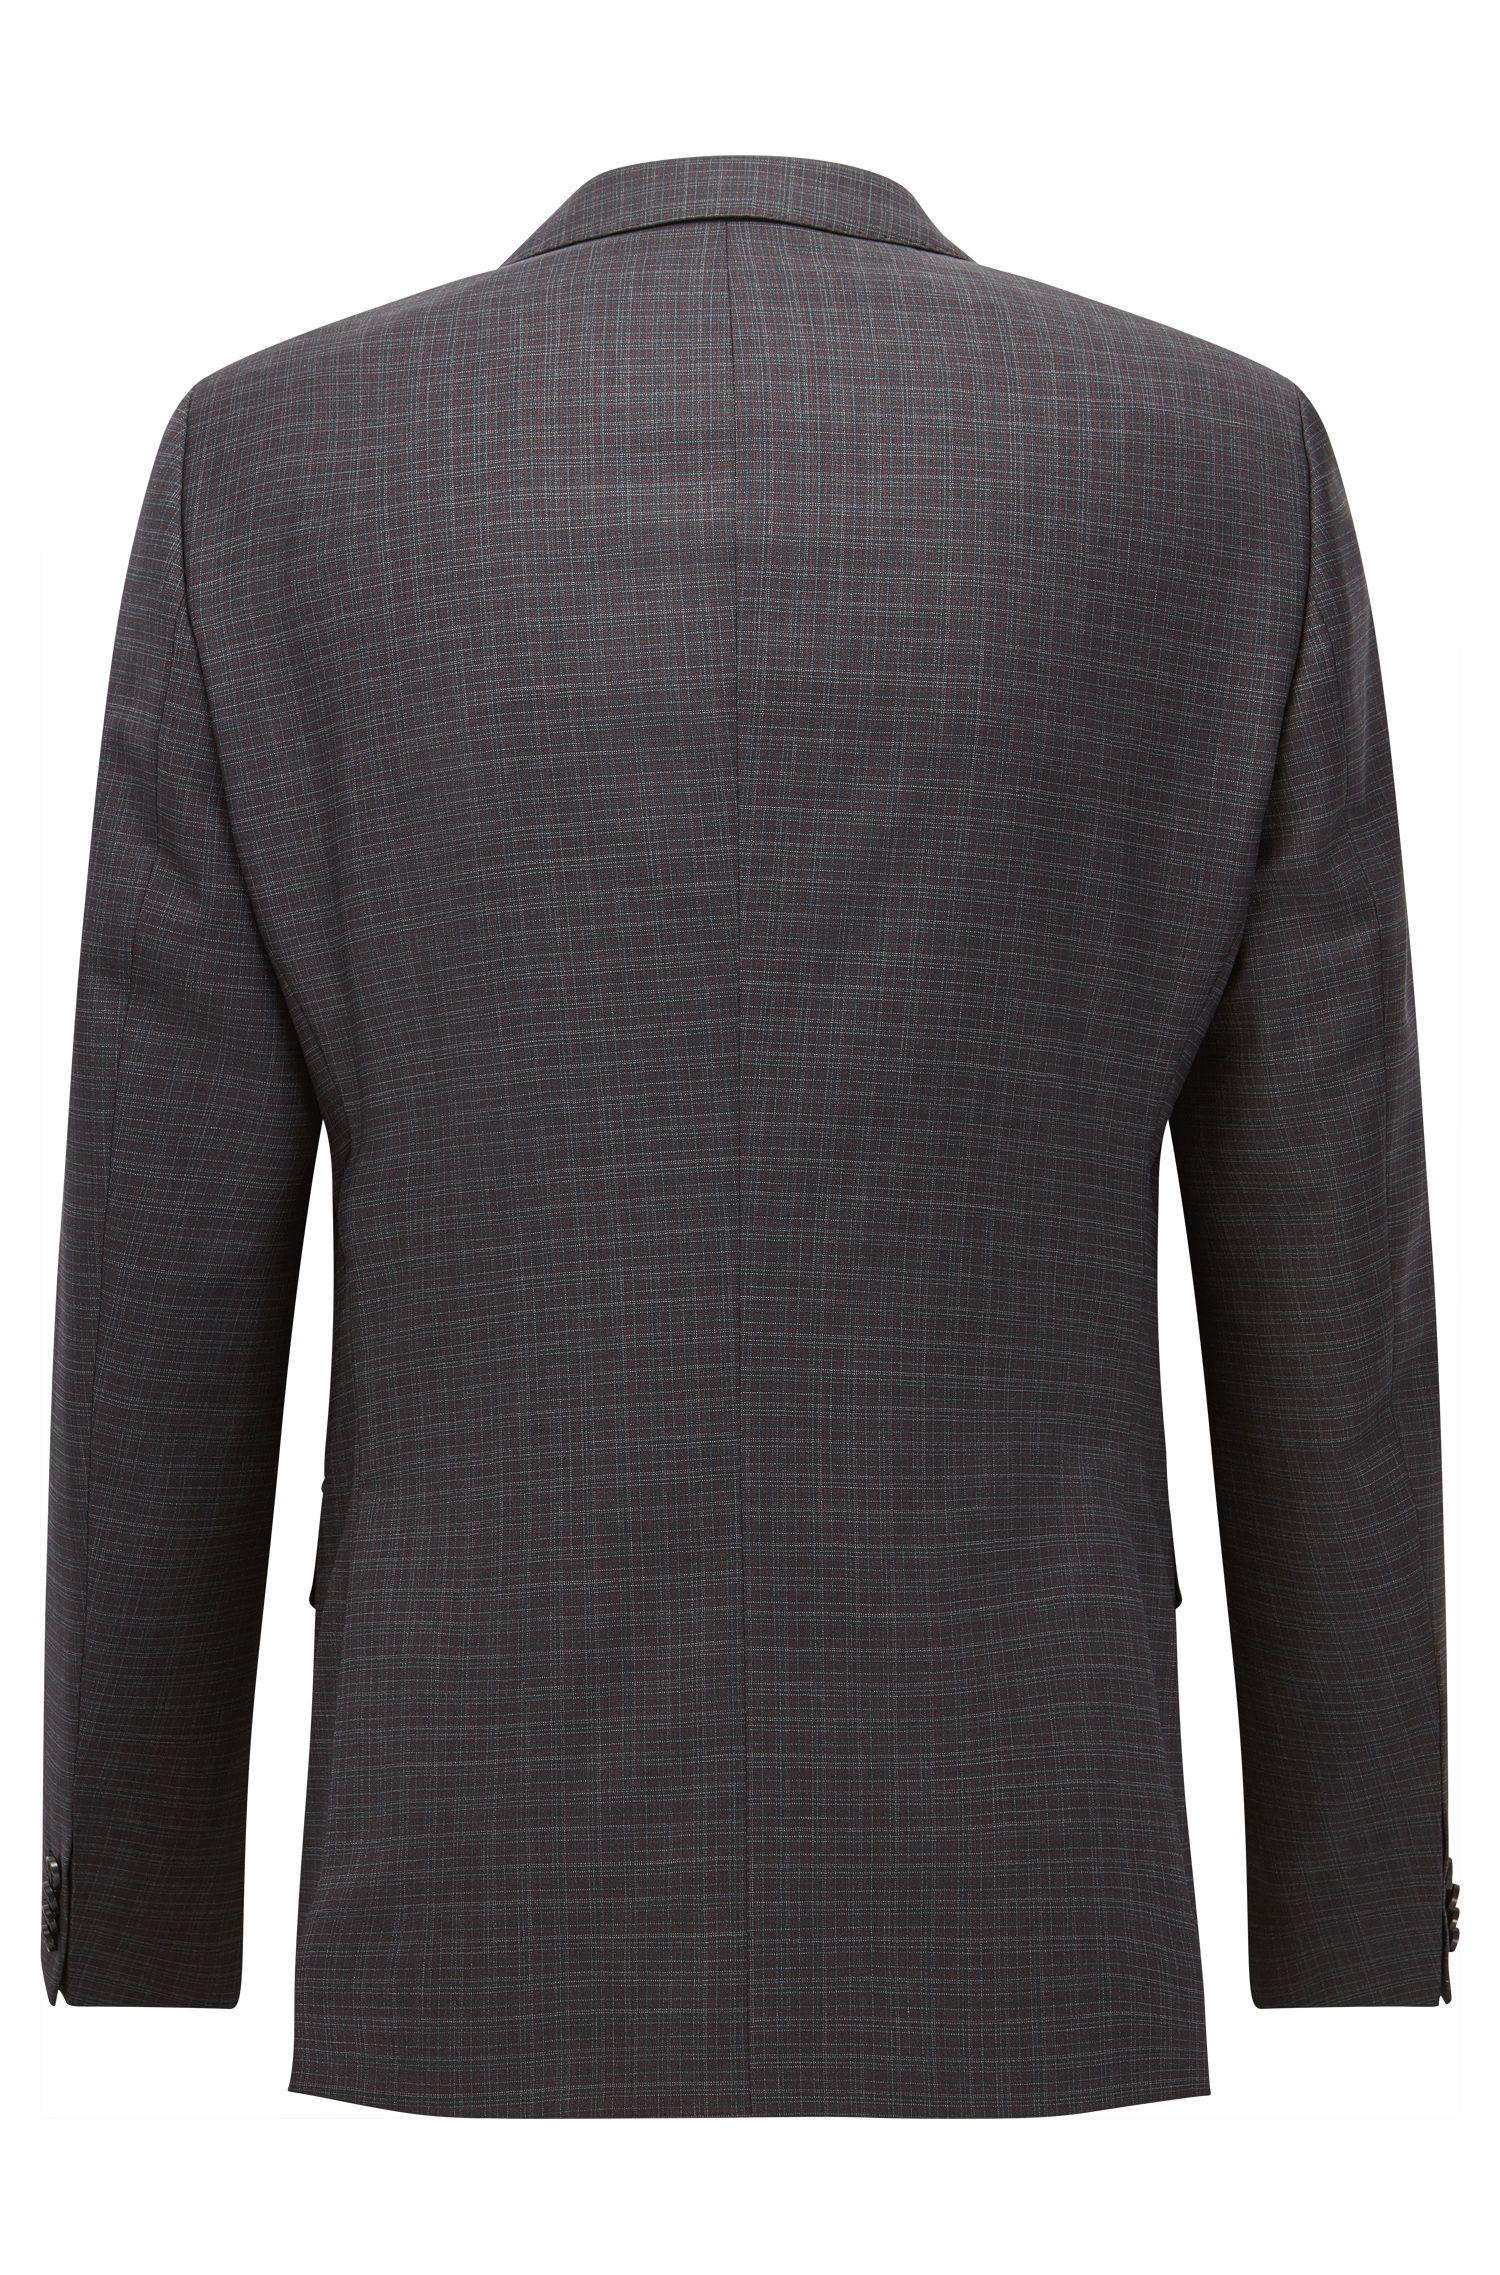 Plaid Virgin Wool Suit, Slim Fit | C-Huge/C-Genius